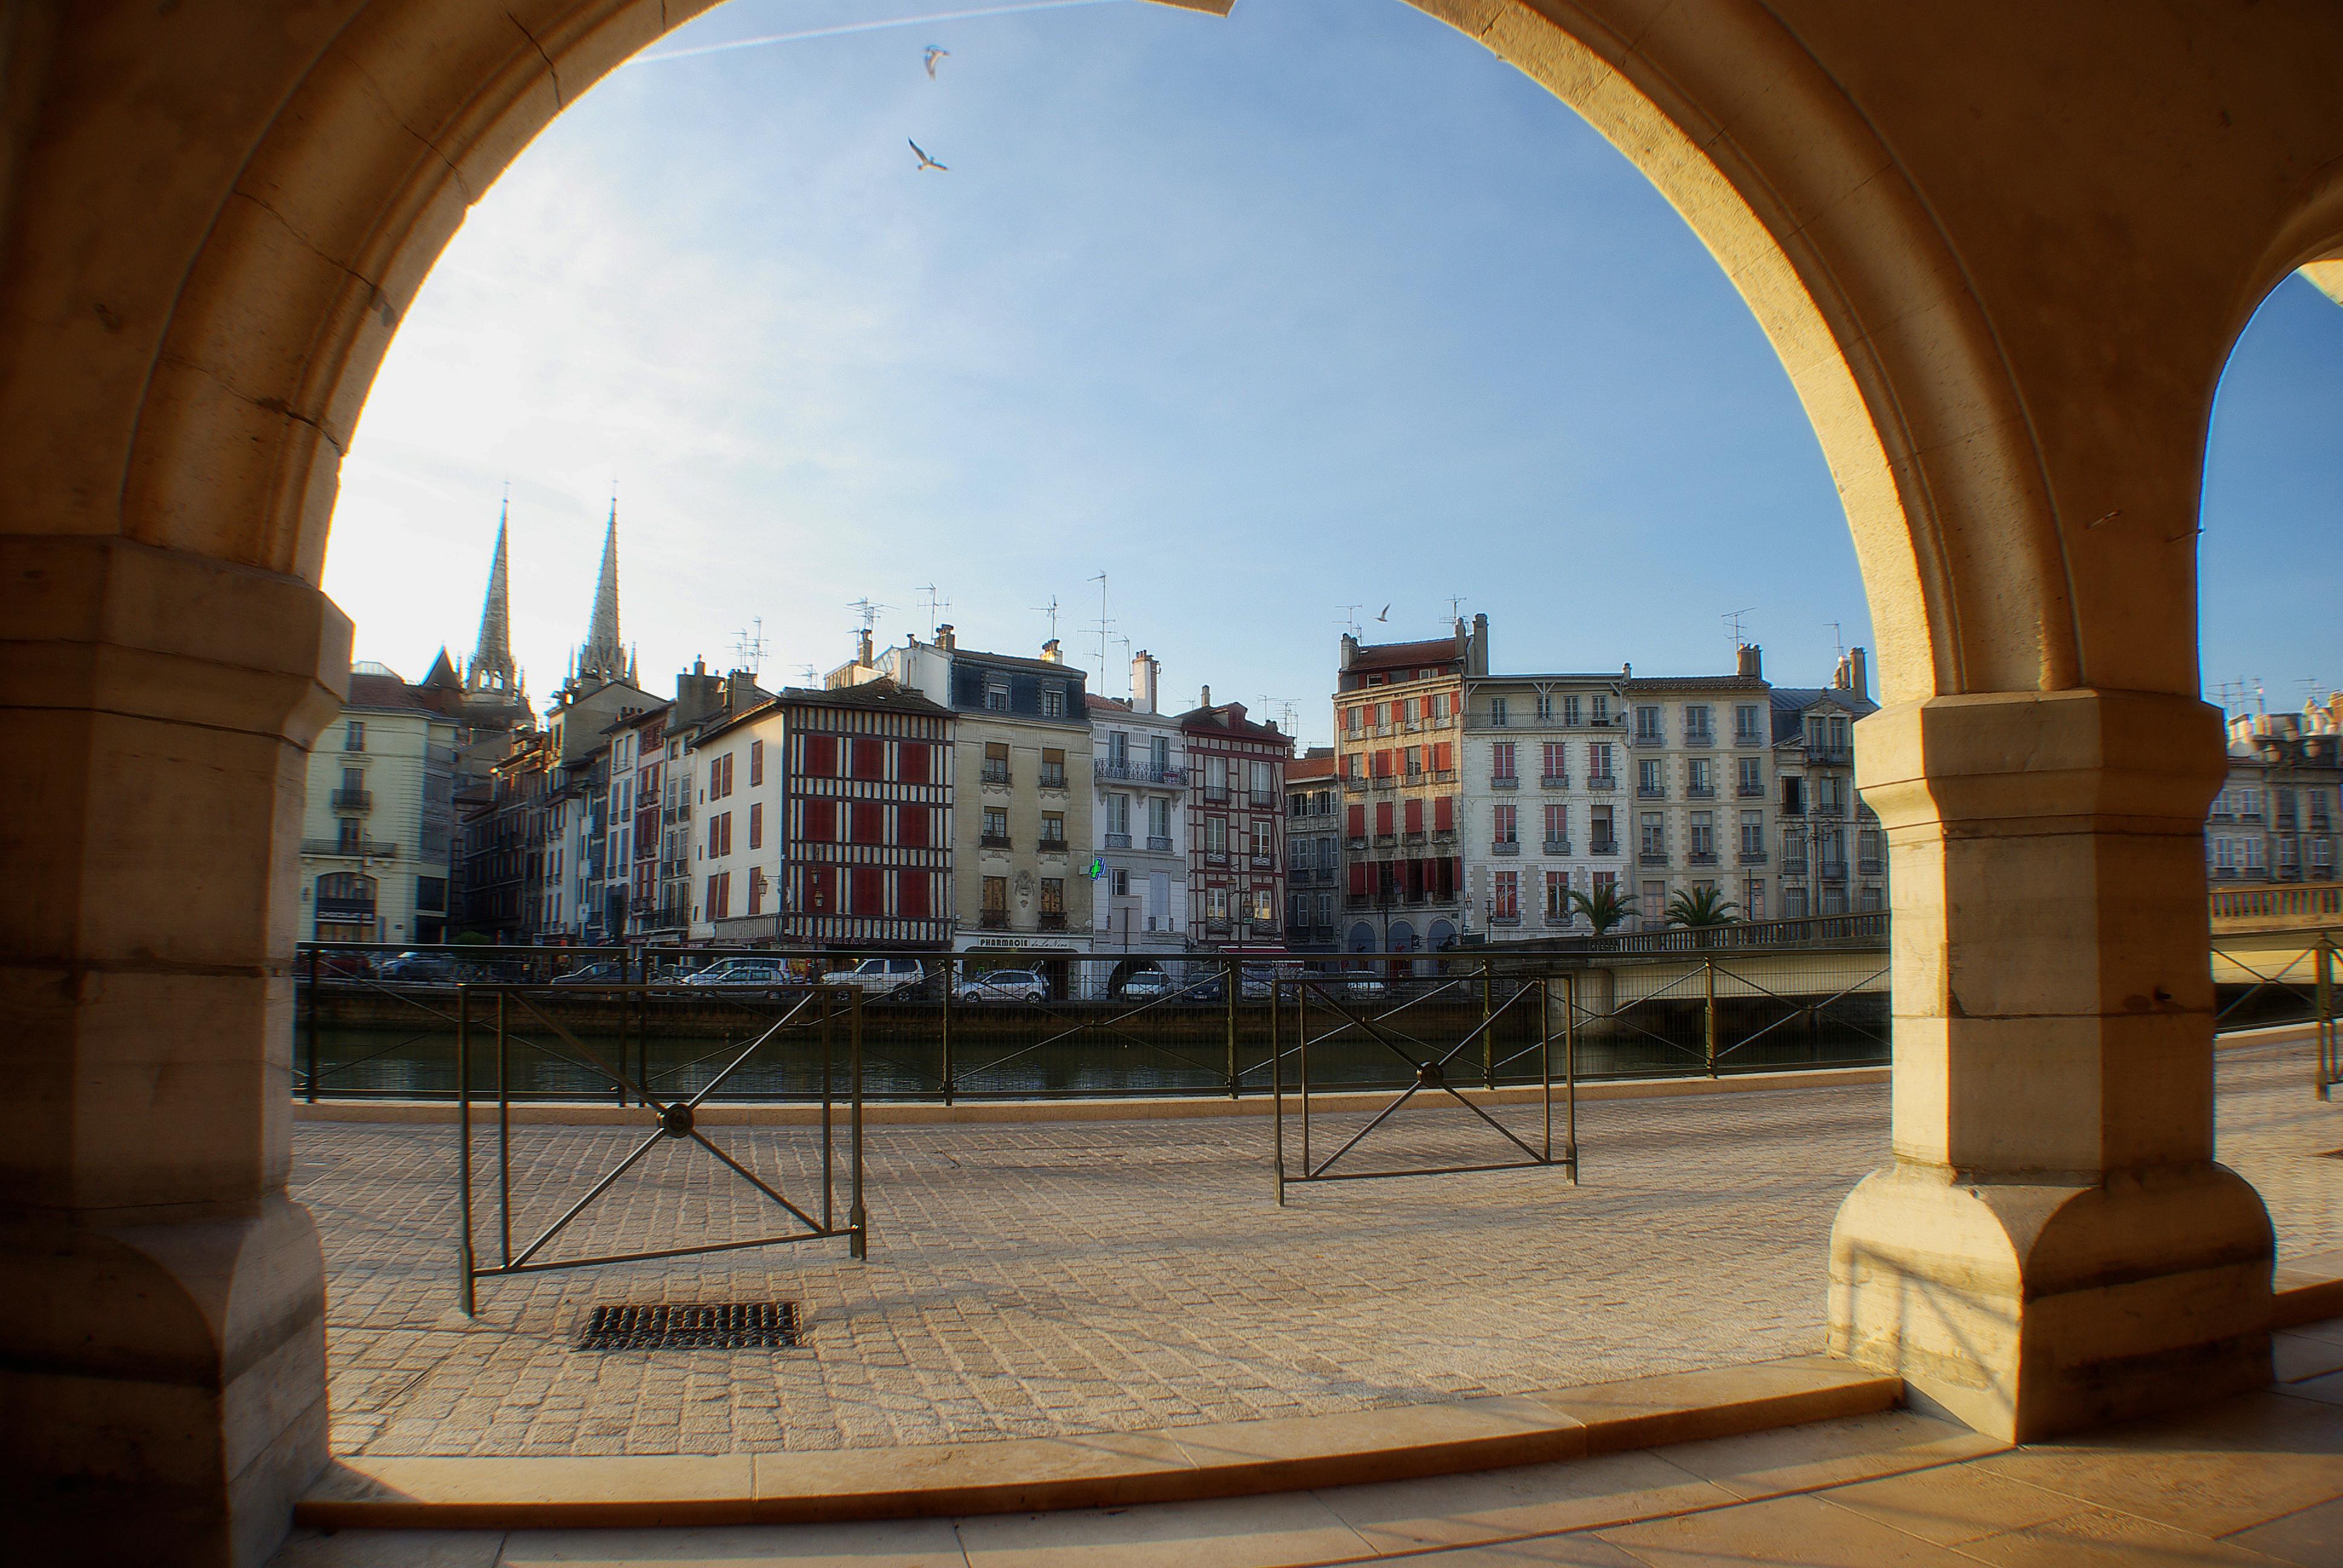 Bab tour un mini bus pour un concentr d histoire blog bayonne bouge - Bayonne office de tourisme ...